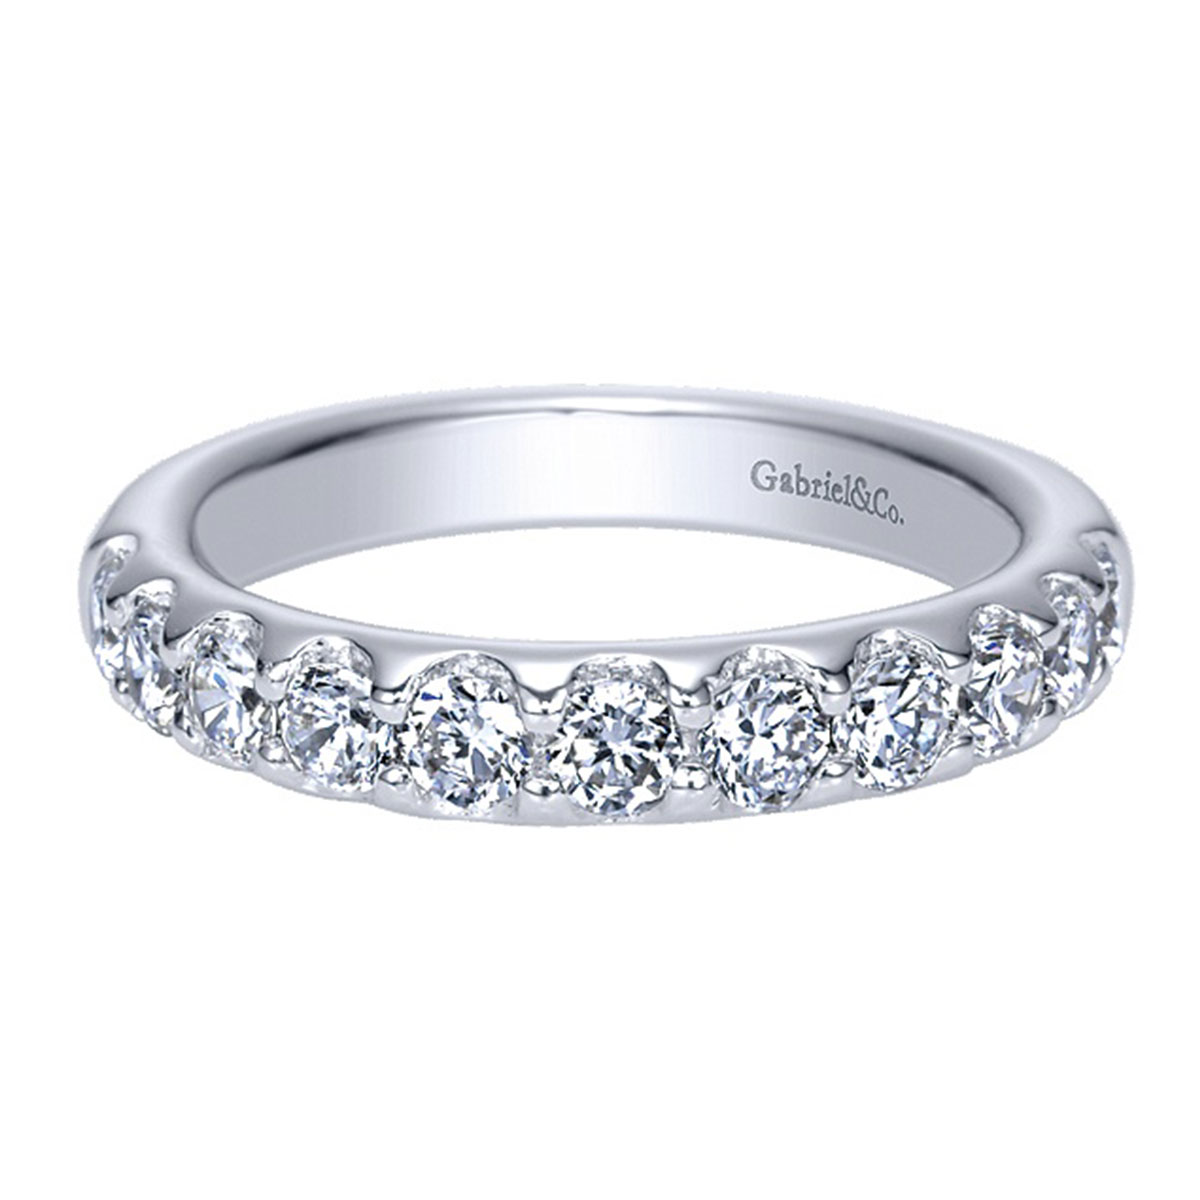 gabriel co 14k white gold 1 66ctw wedding band